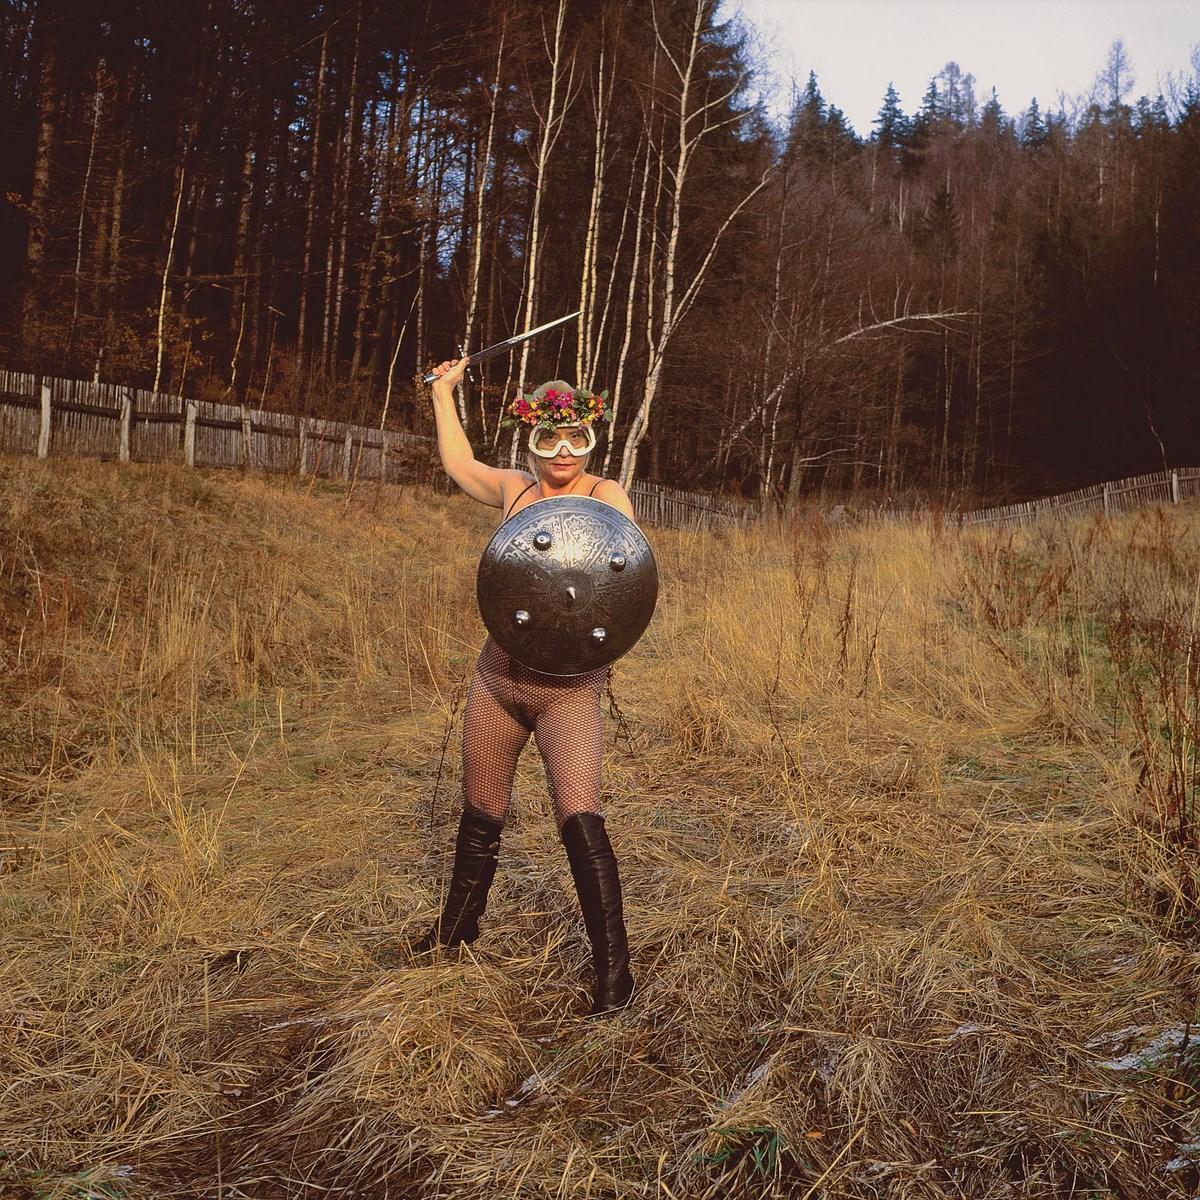 """Natalia LL, """"Brunhilda III"""" (""""Biada""""), 1995, zapis fotograficzny performansu, fotografia barwna, 300 x 300 cm. Dzięki uprzejmości artystki (źródło: materiały prasowe organizatora)"""